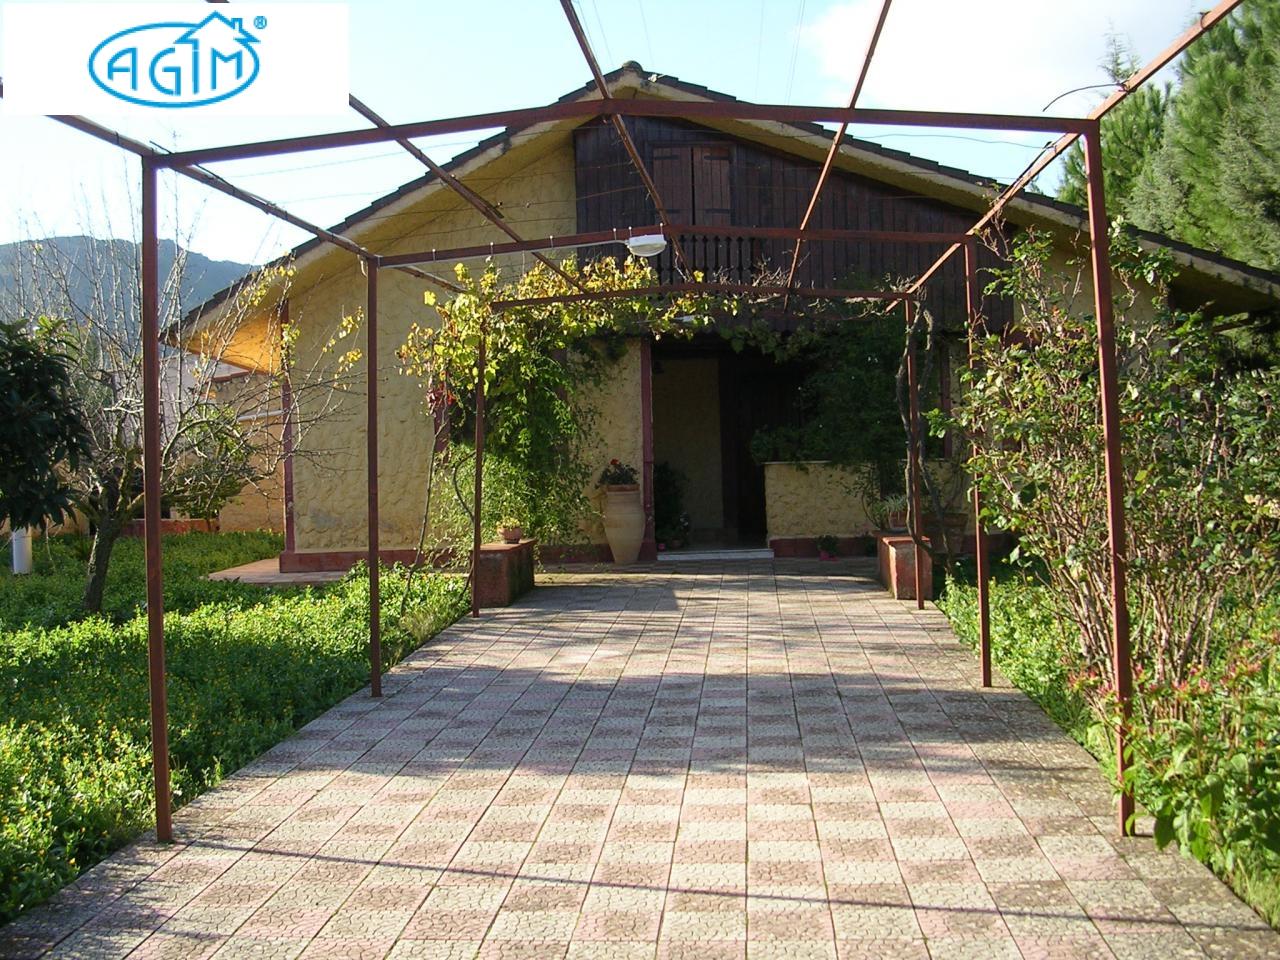 Villa in vendita a Belmonte Mezzagno, 4 locali, prezzo € 88.000 | Cambio Casa.it